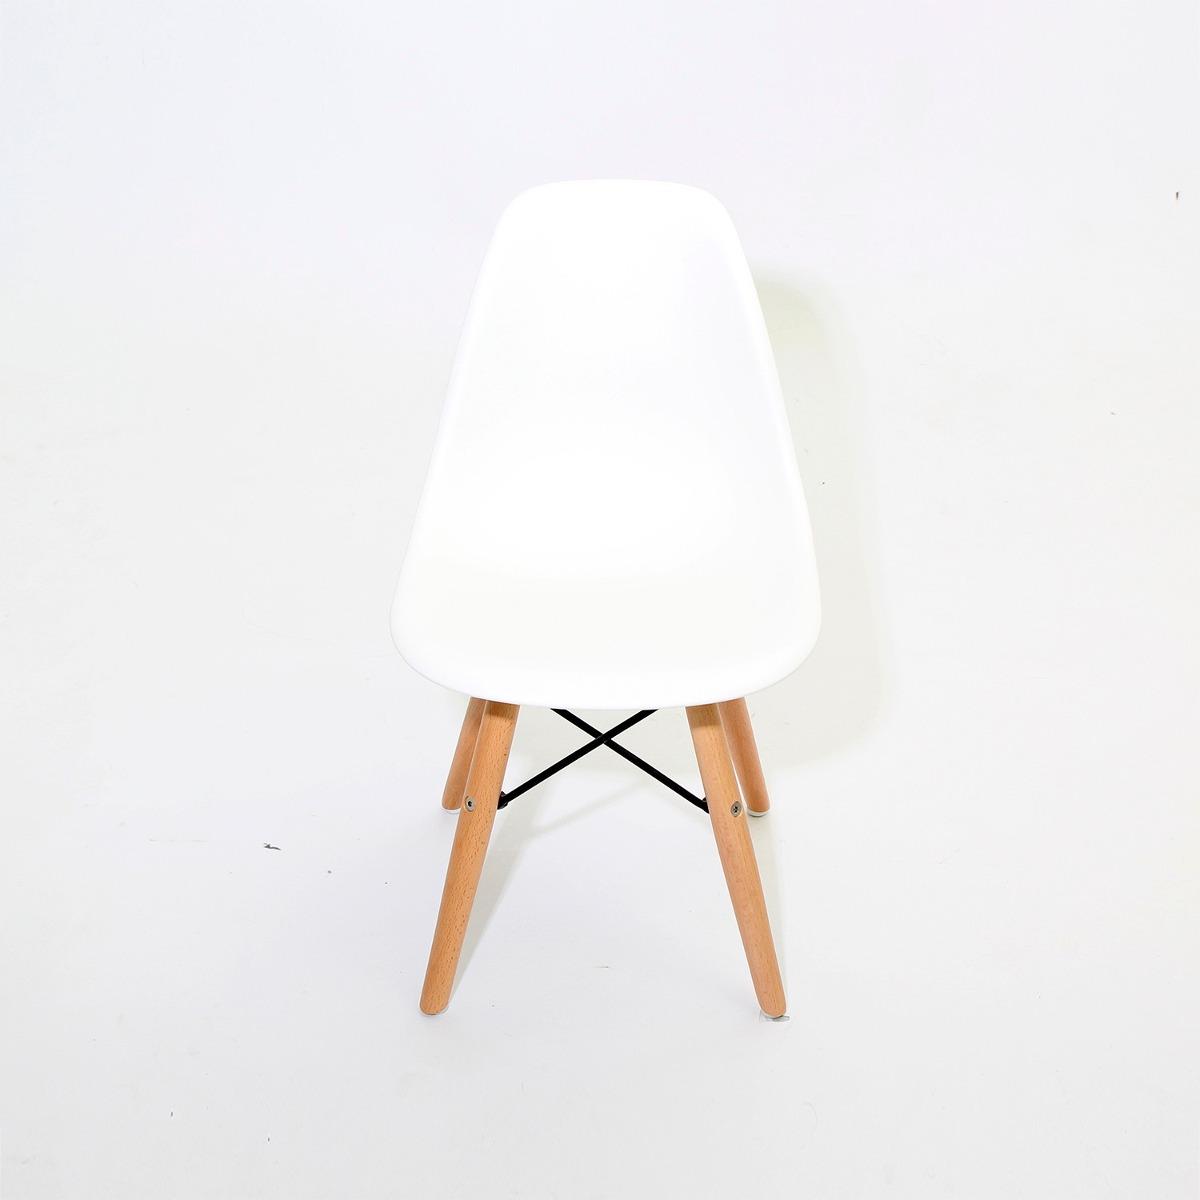 Juegos 4 sillas eames vintage comedores baratos en oferta for Comedores en oferta